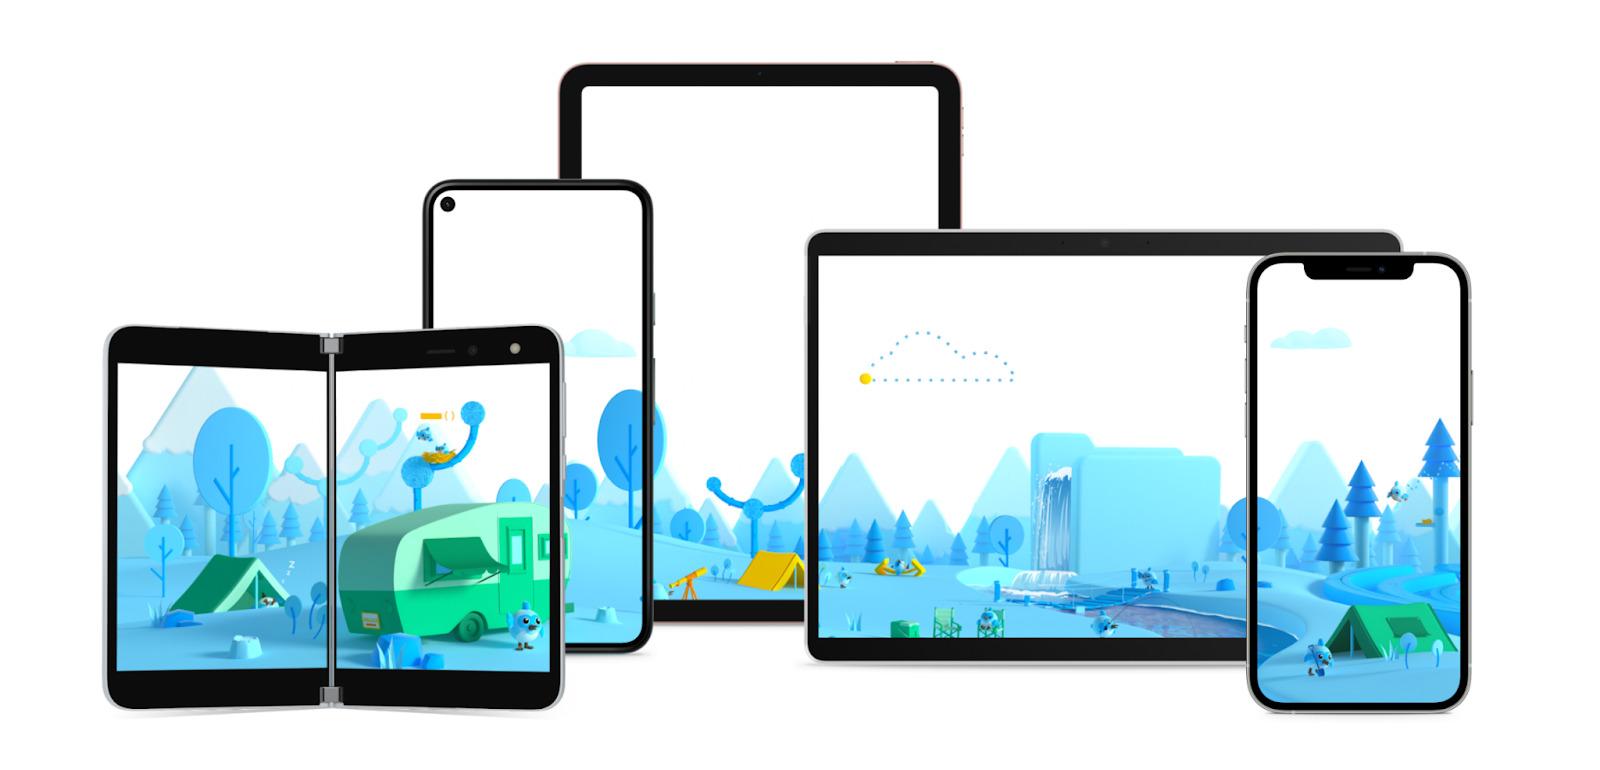 Google lance Flutter 2.0 : quelles sont les nouveautés du framework multiplateforme ? - Frandroid